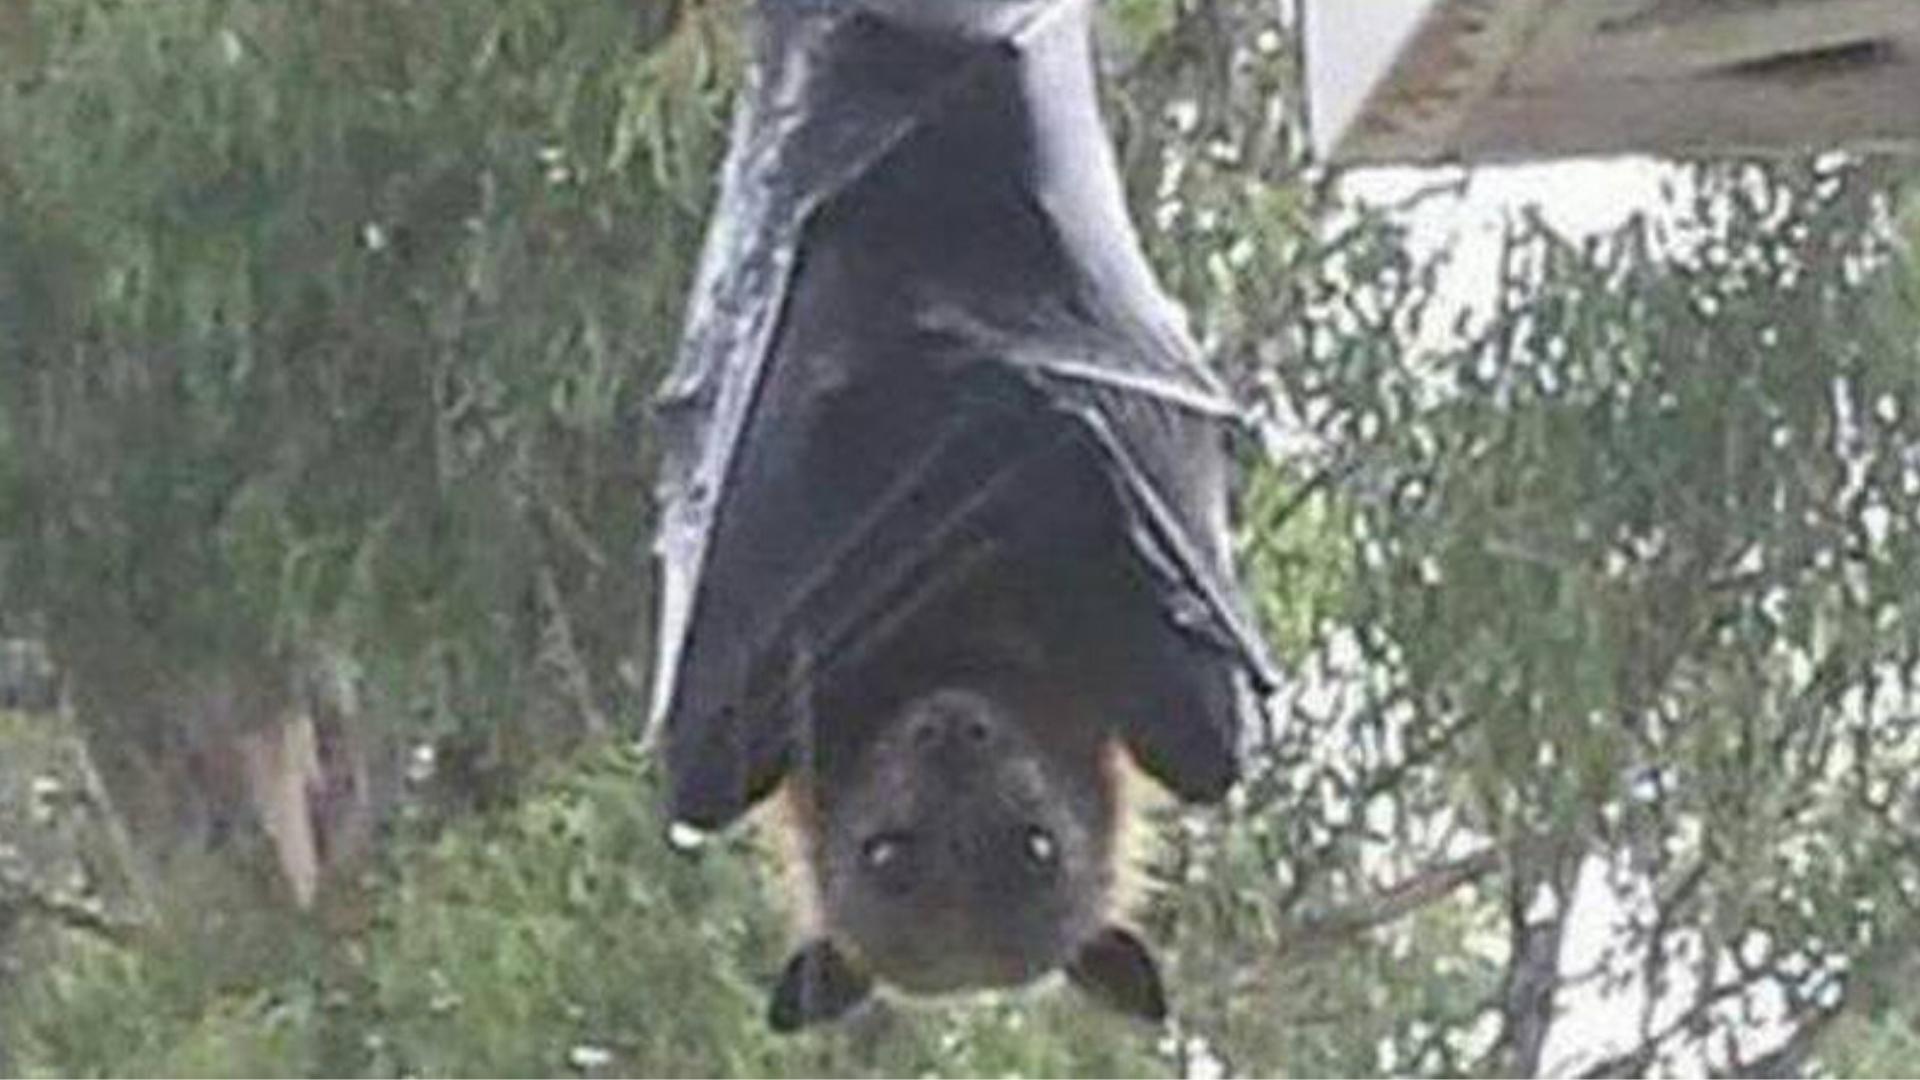 Murciélago del tamaño de una persona asombra en Filipinas